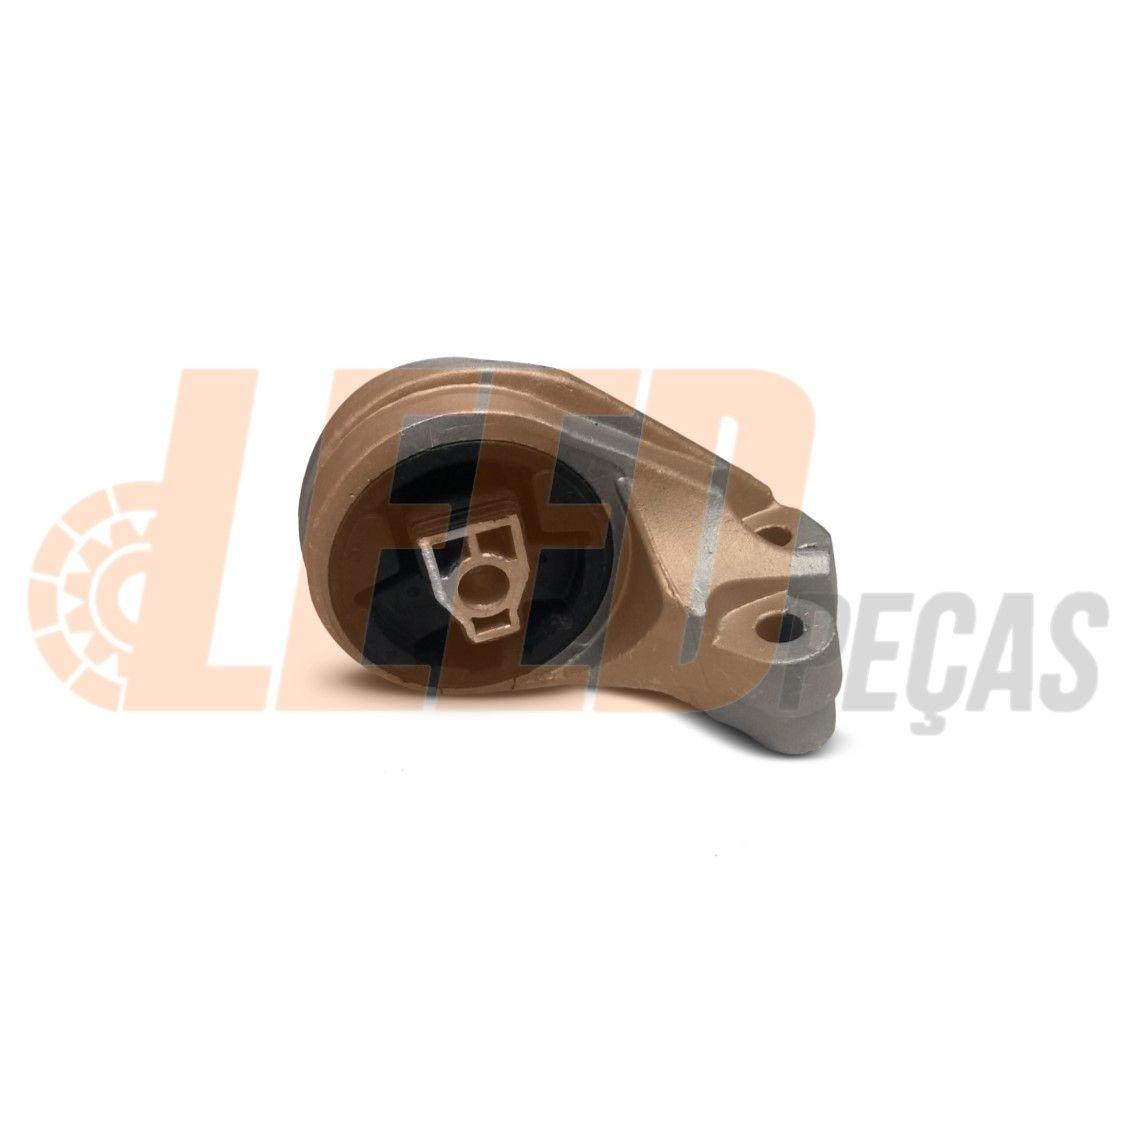 Coxim Cambio Traseiro Furo Pequeno Furacao Assimetrica Captiva 2.4 3.6 V6 2008 2009 2010 2011 2012 2013 2014 2015 2016